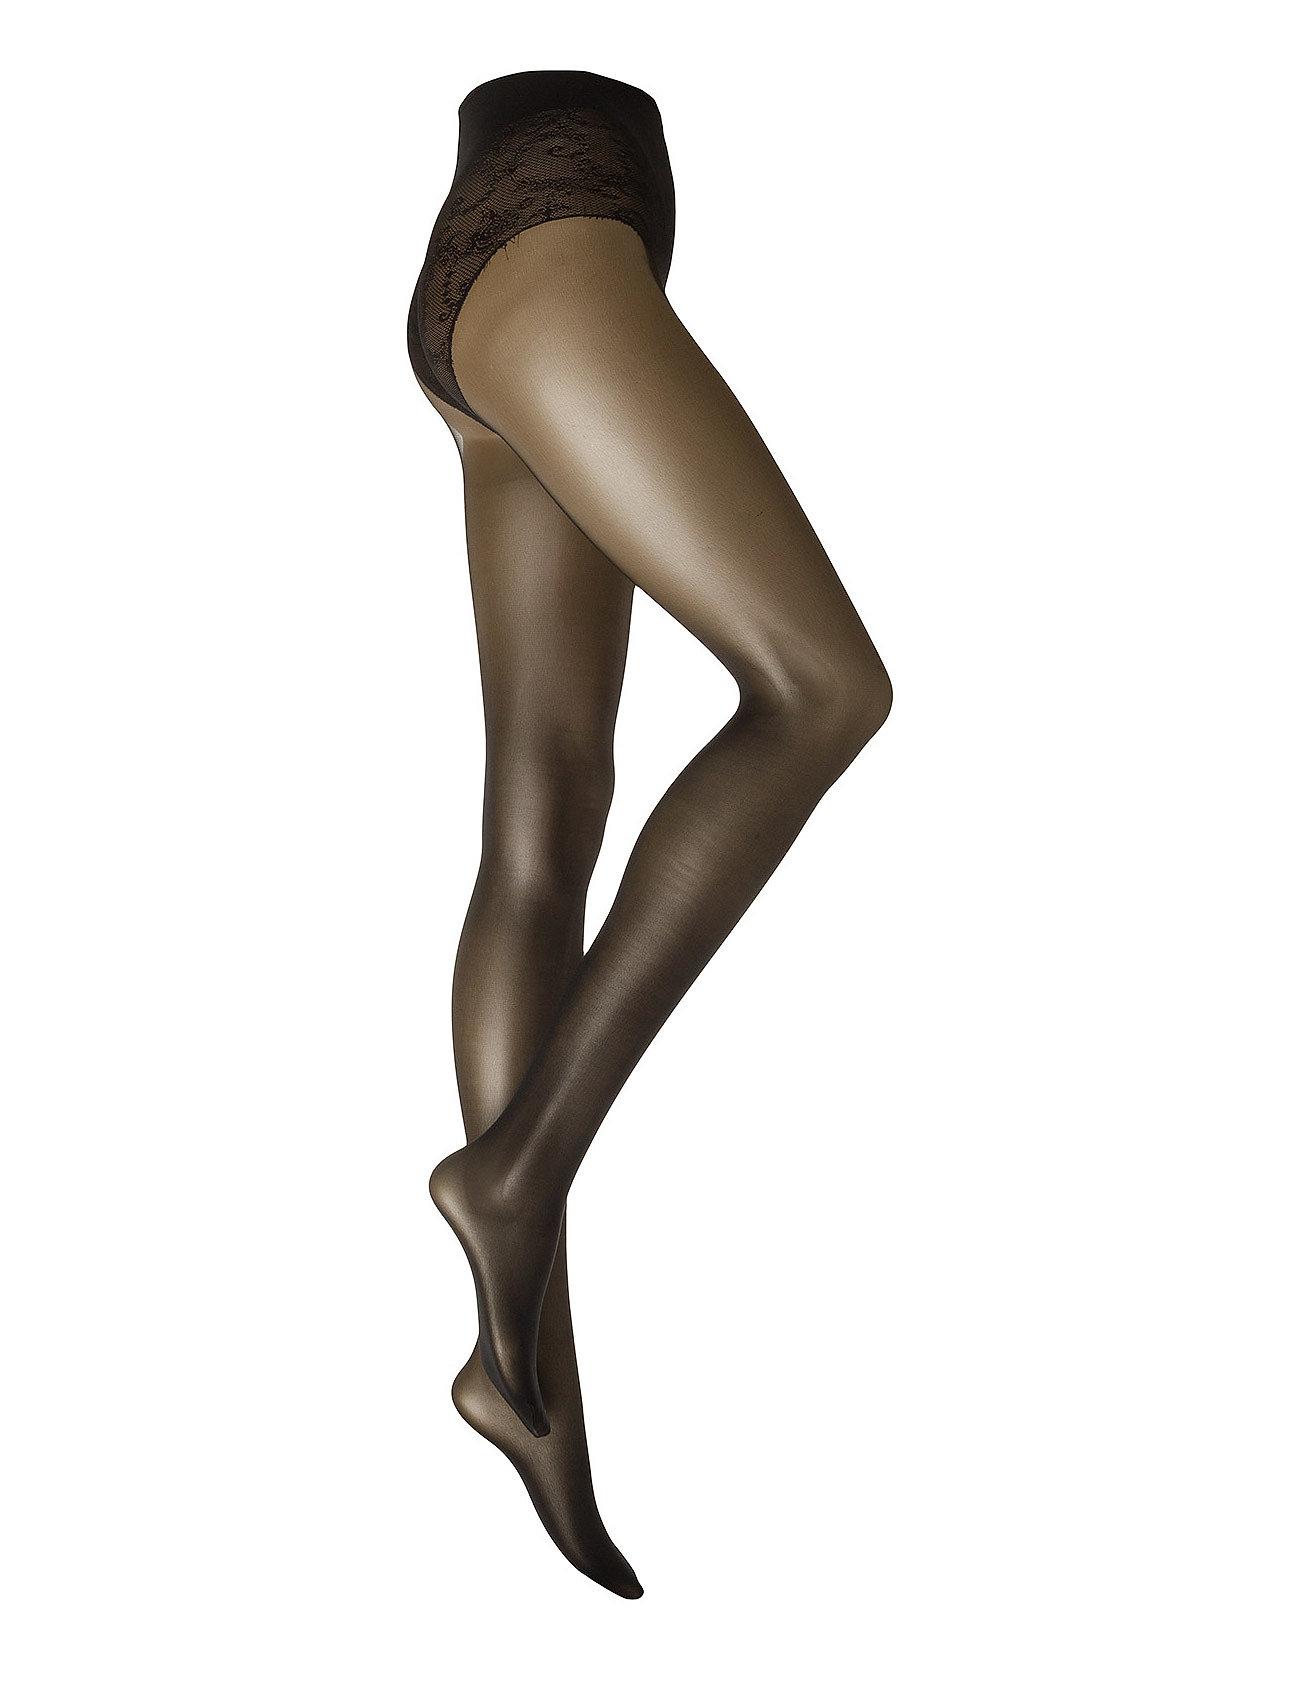 f98971b04 Tummy 20 Control Top (Black) (340 kr) - Wolford - Strumpor   tights ...